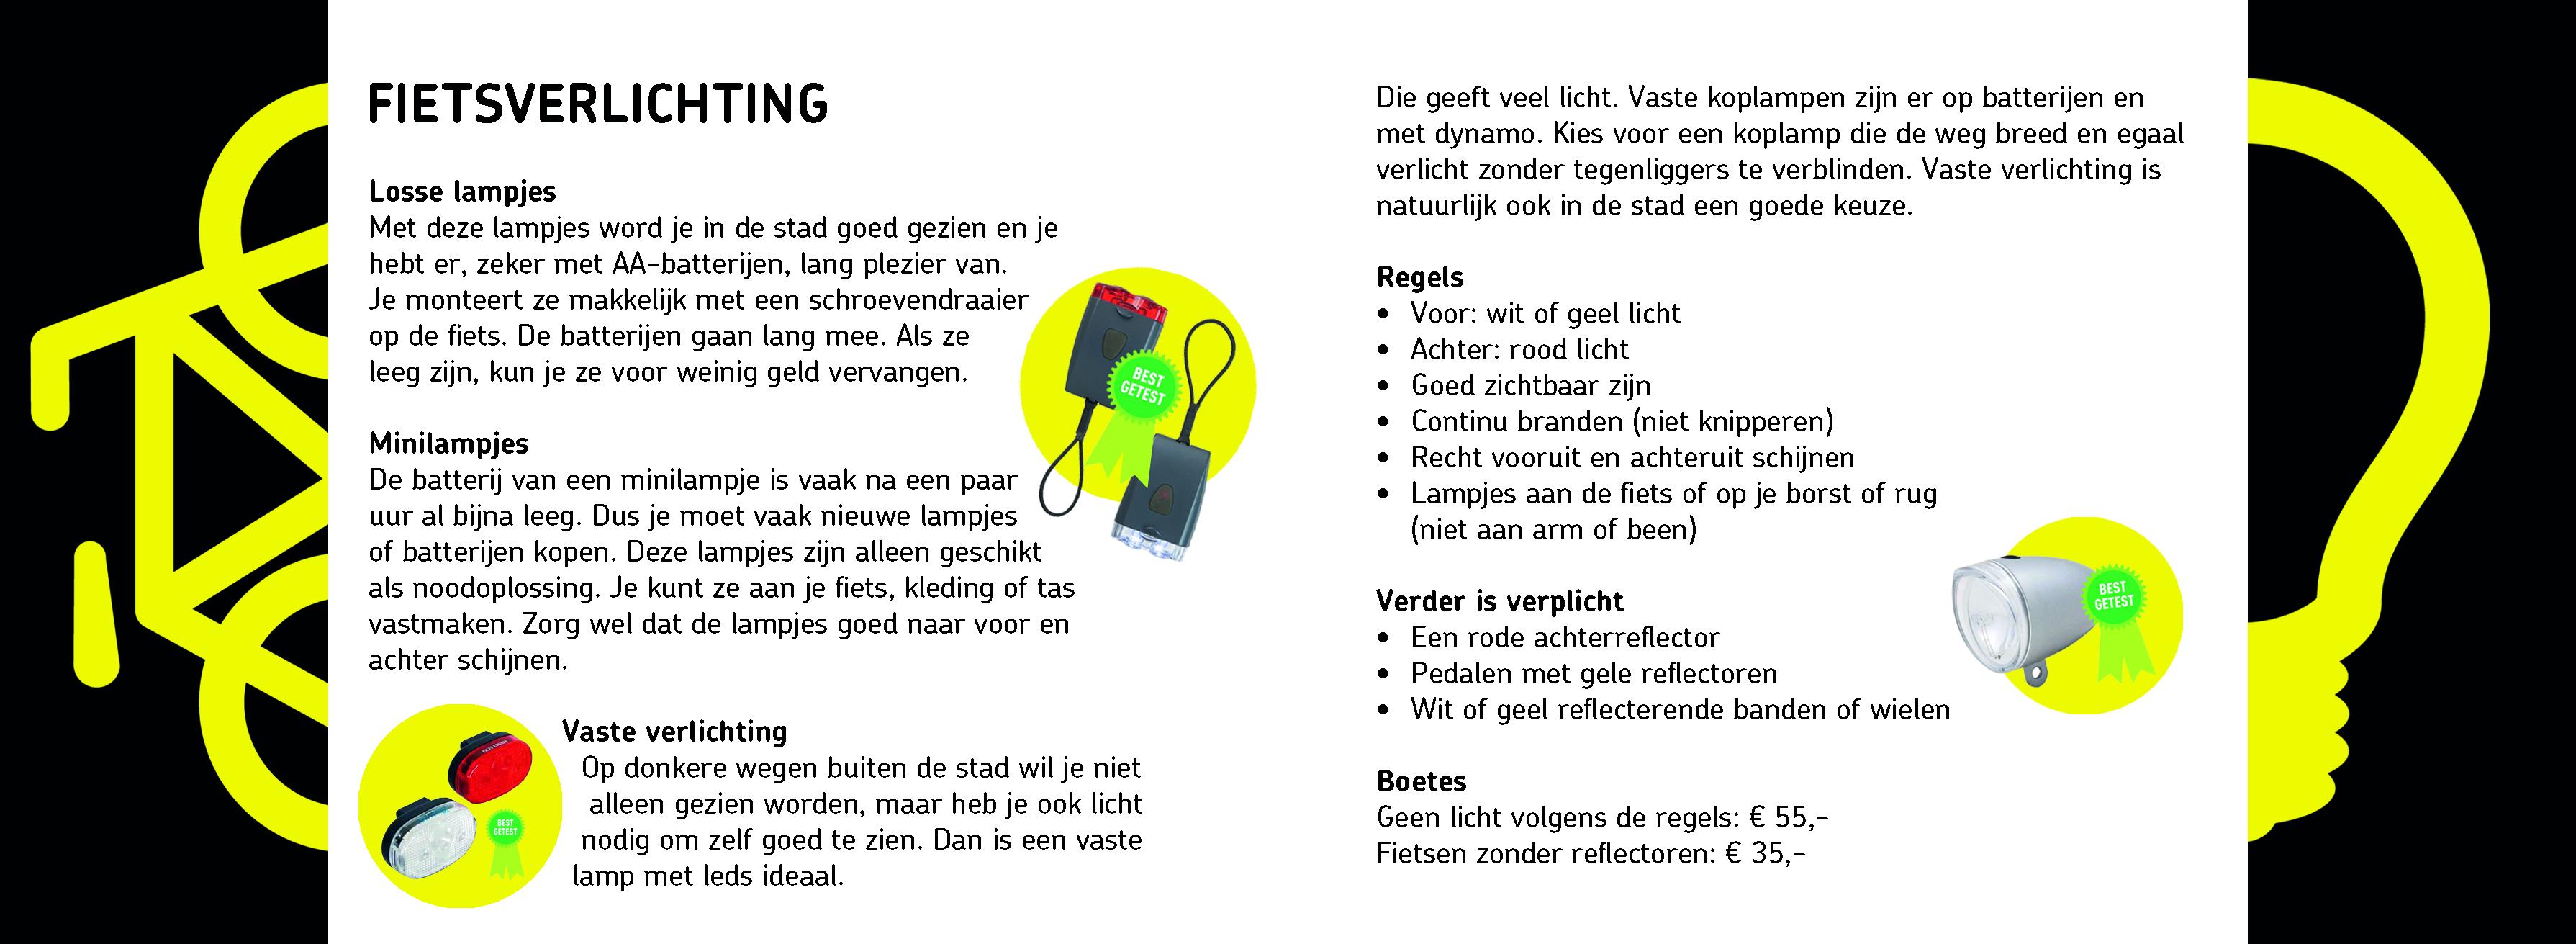 Actiekaart \'fietsverlichting\' | Actiematerialen